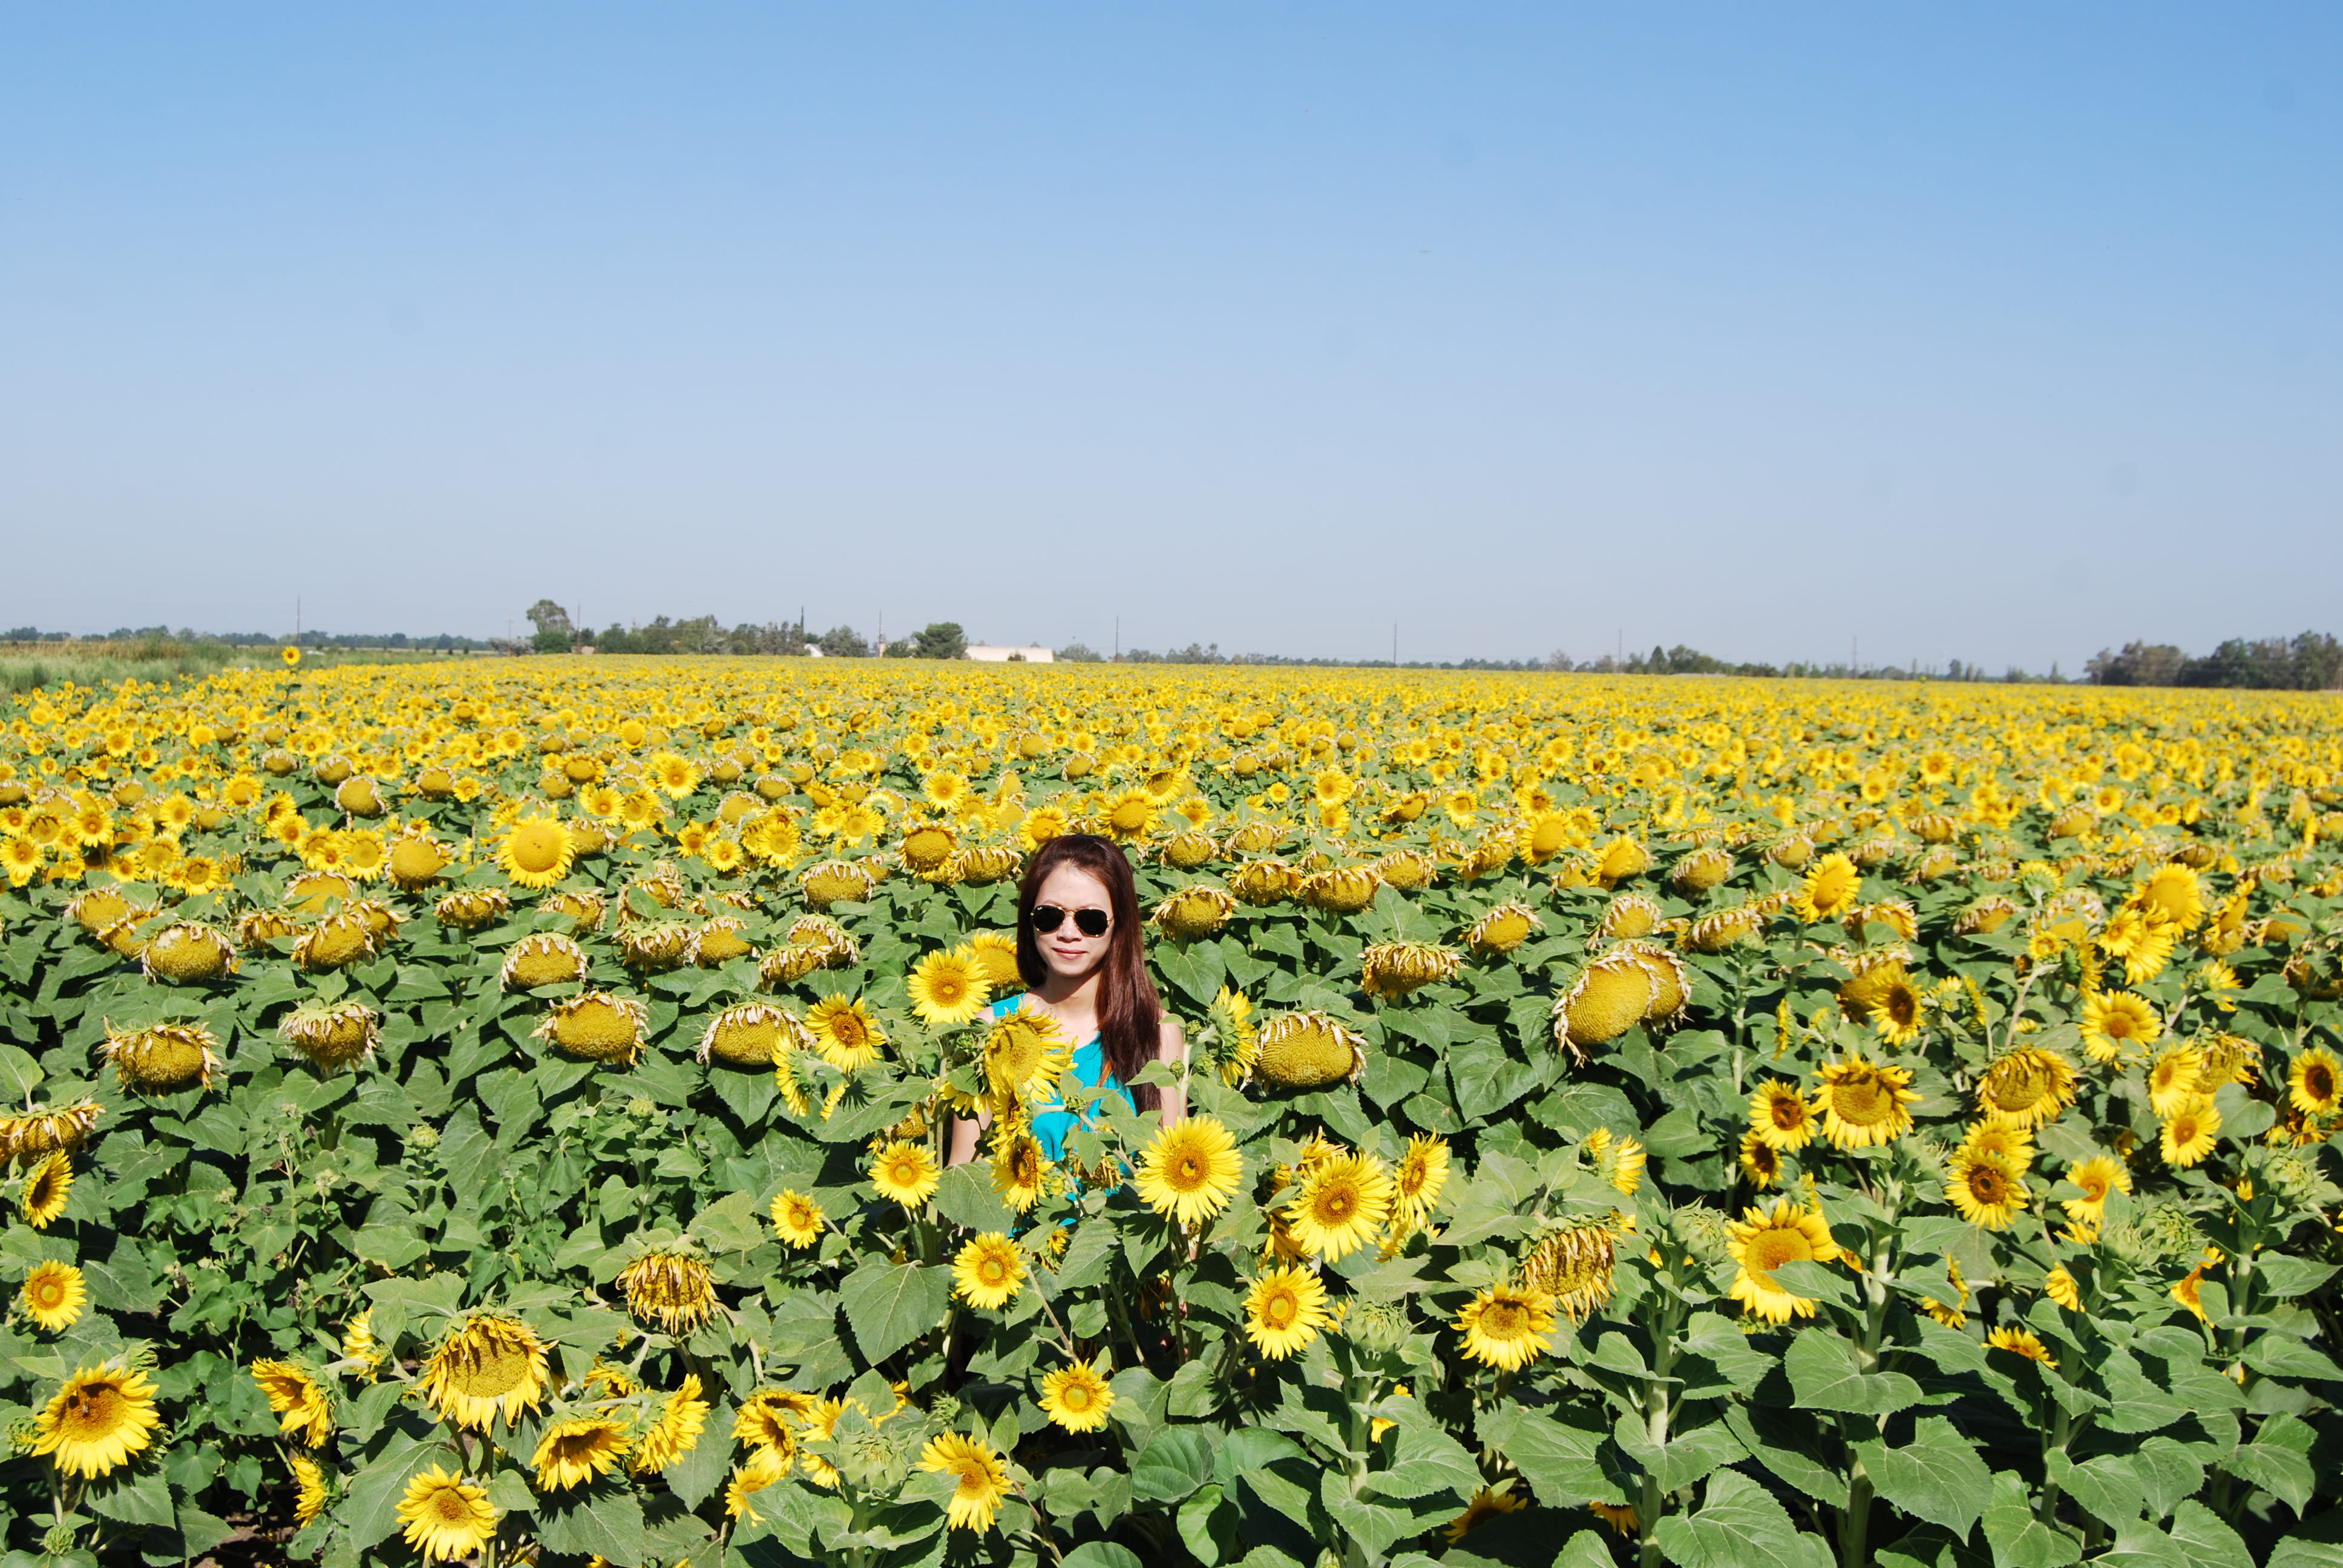 Ảnh 7: Một bạn nữ làm dáng trên cánh đồng bạt ngàn hoa hướng dương vào mùa hạ ở Bắc Cali